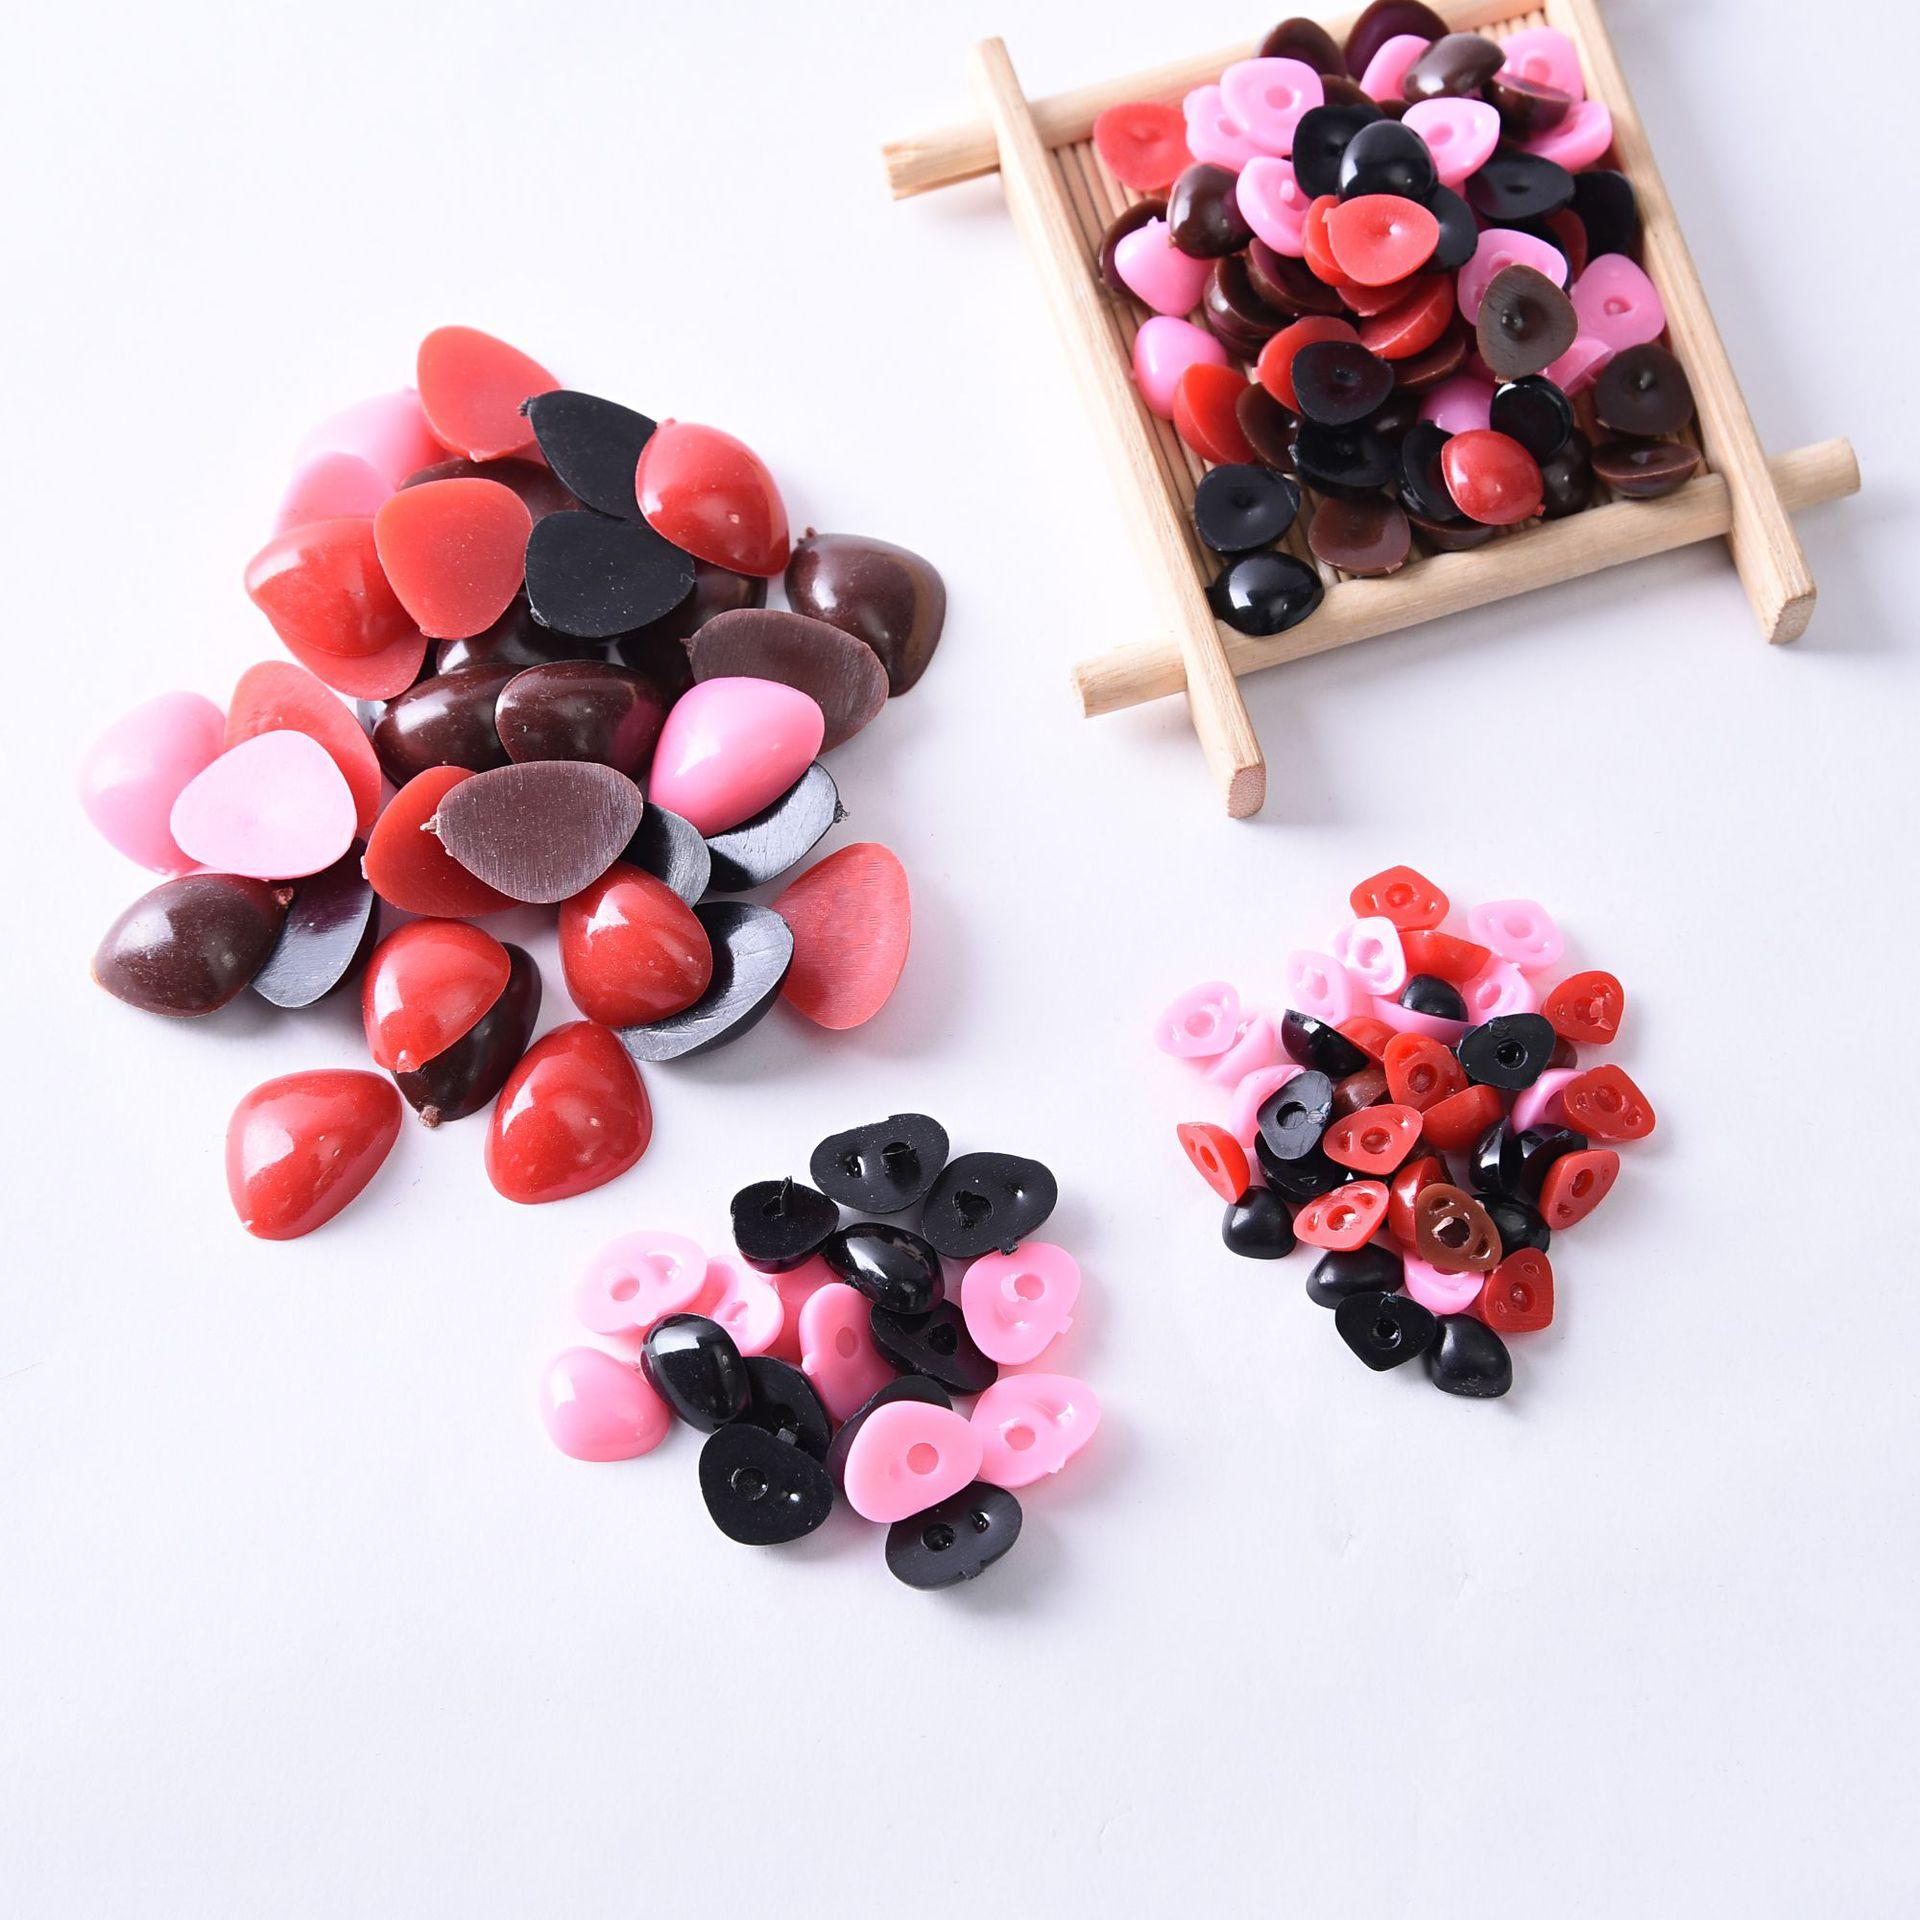 100pcs Liso Preto nariz Triângulo Nariz Nariz para Fazer Bonecos Brinquedos de Pelúcia Bonecas do Urso Da Boneca de Plástico Olhos Amigurumi Fazer acessórios